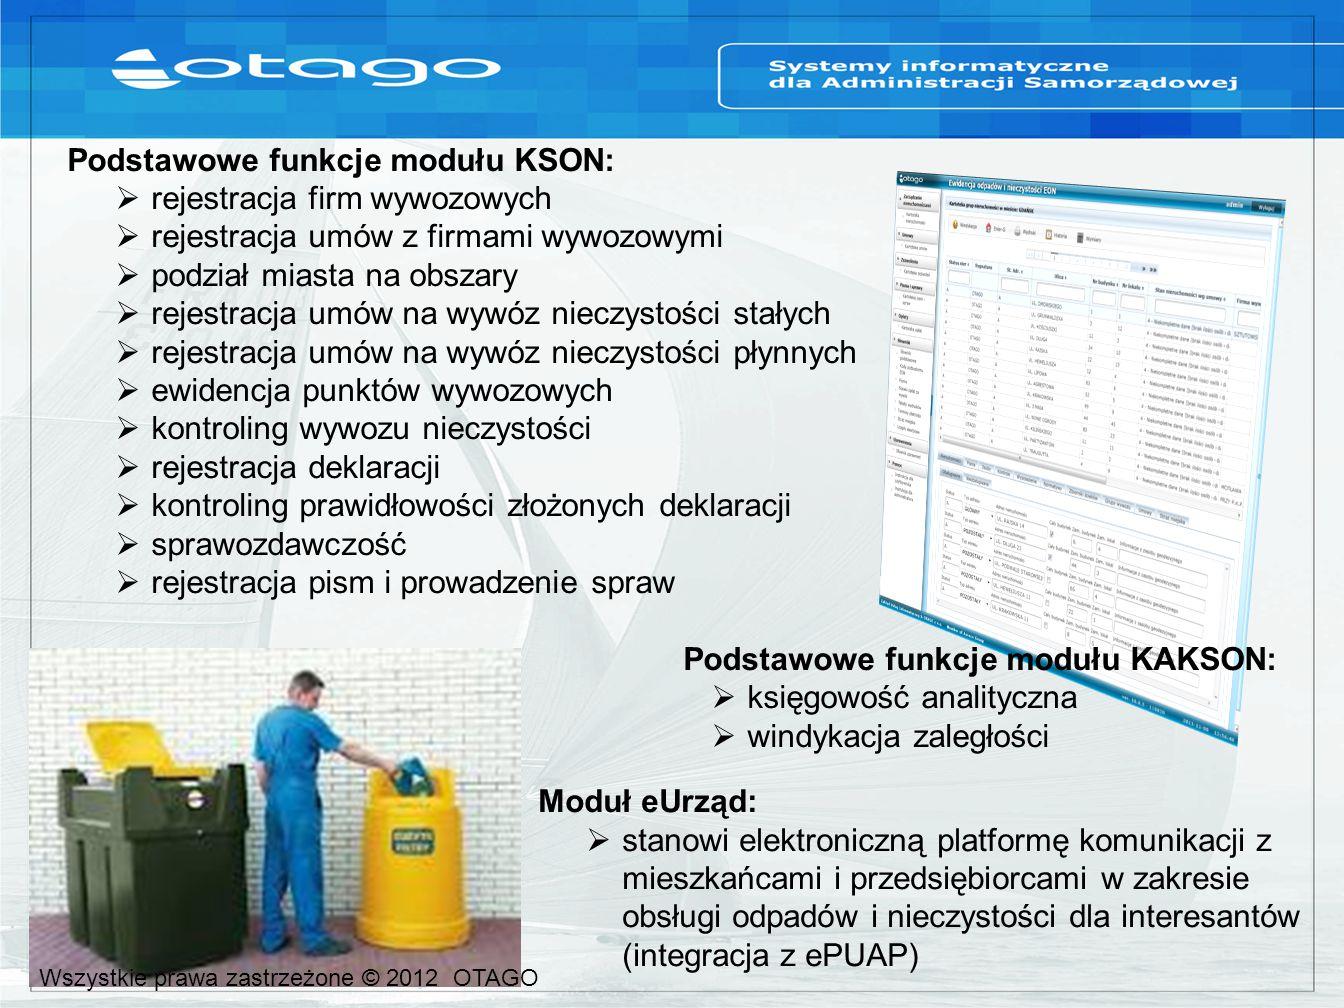 Podstawowe funkcje modułu KSON: rejestracja firm wywozowych